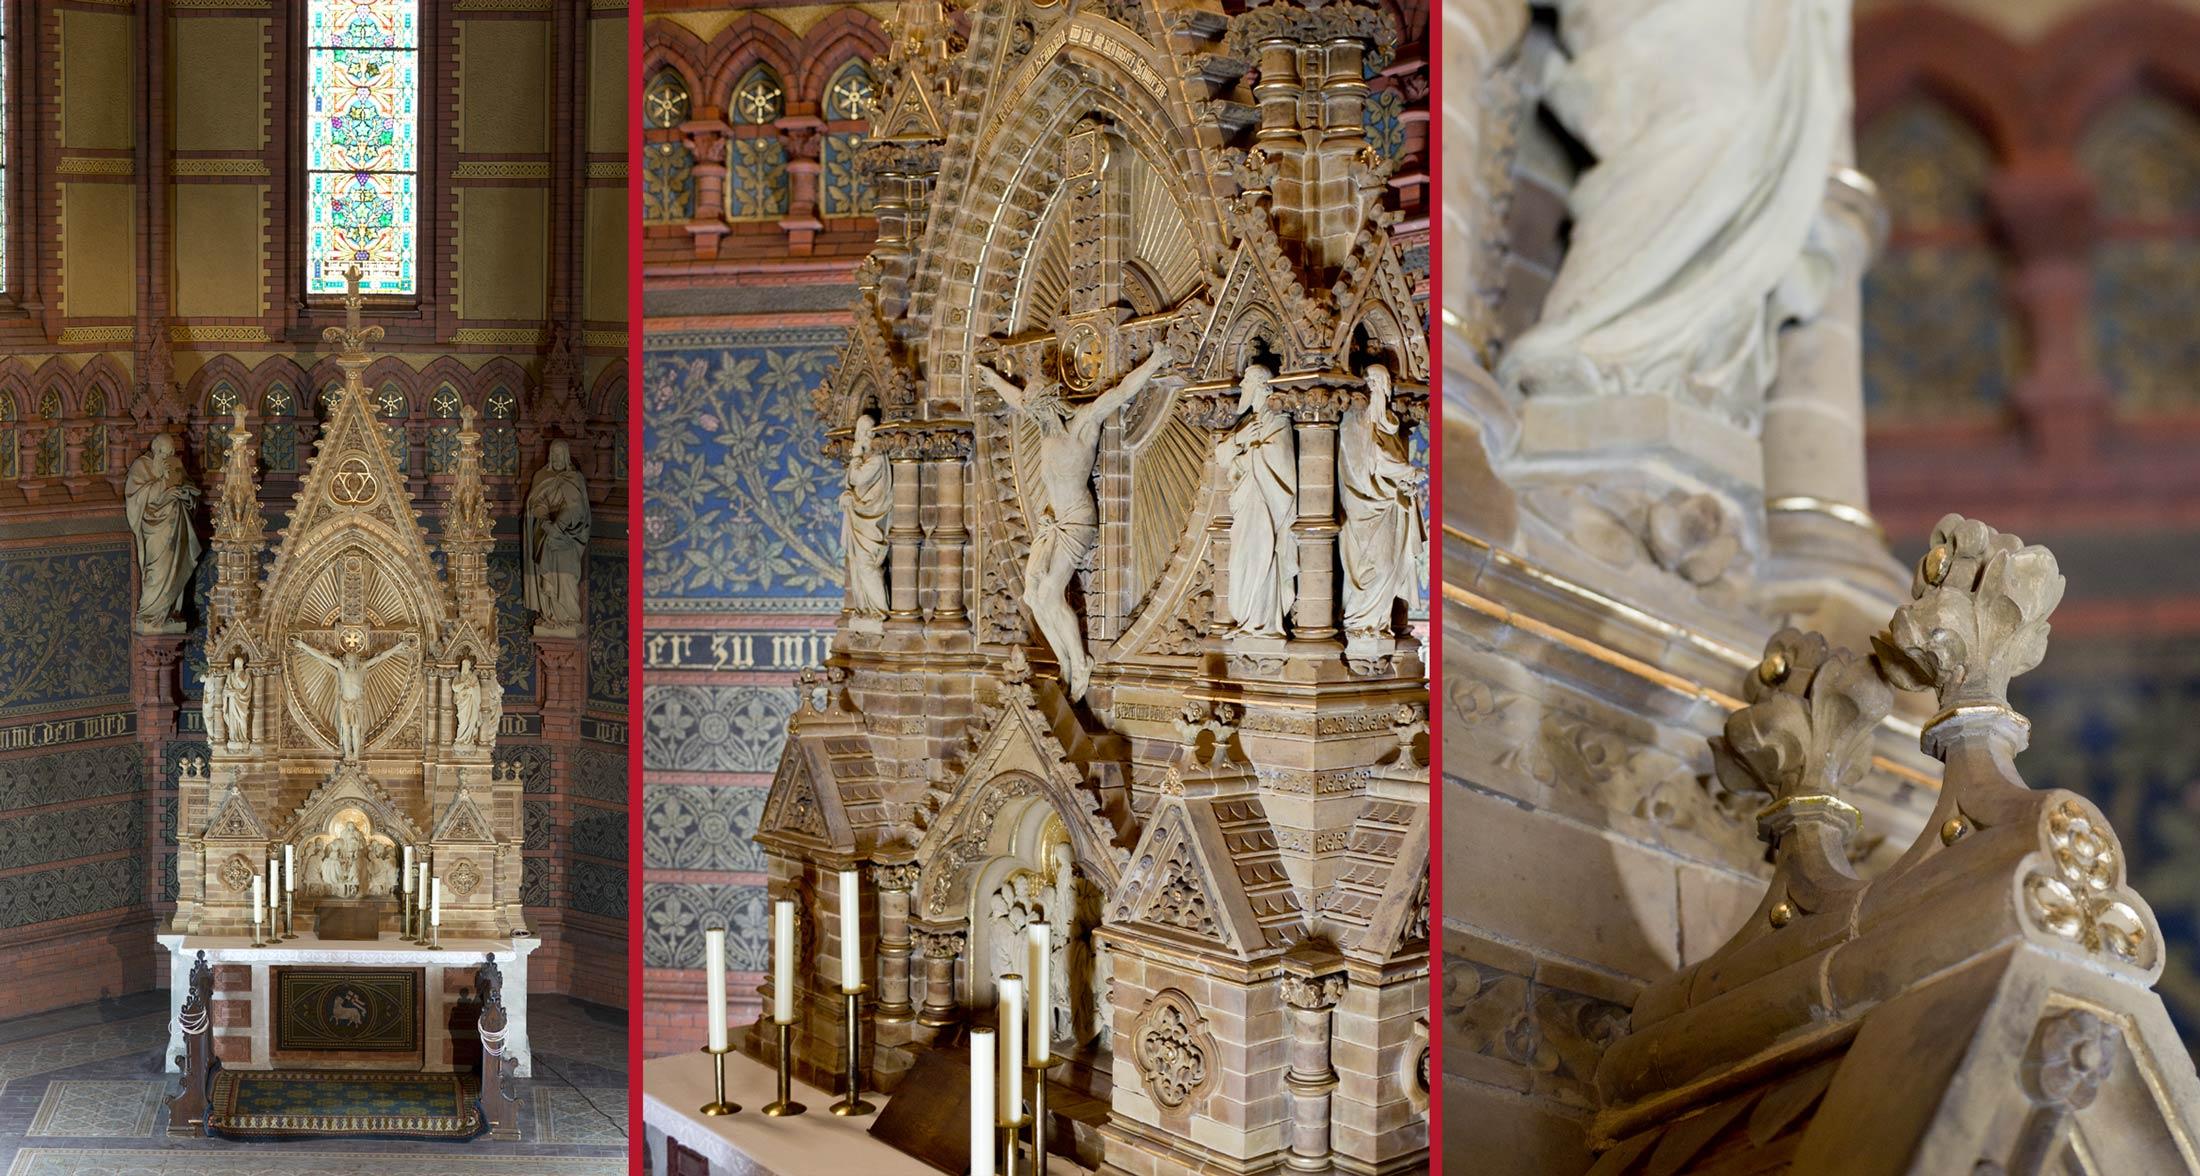 Gesamtansicht Altar im Schlusszustand, Zentrale Figurengruppe im Schlusszustand, Ergänzte Applikationen - Lutherkirche Apolda